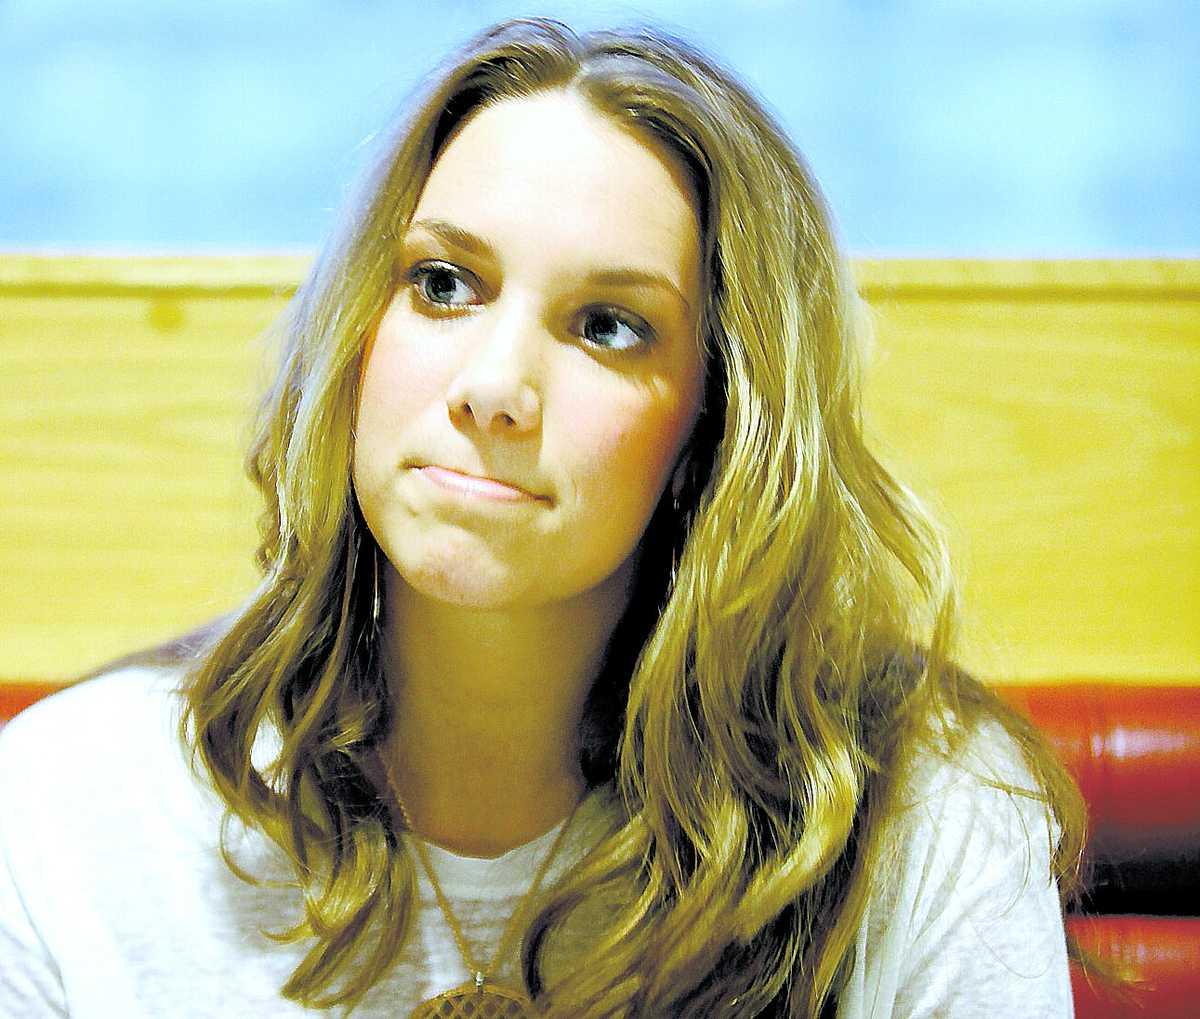 """På lördag står Agnes Carlsson på Melodifestivalens scen i Malmö. Men fram tills nu har hon helt ignorerat schlagern. """"Om jag skulle fokusera på allt som skrivs så skulle jag bli helt förvirrad"""", säger hon."""